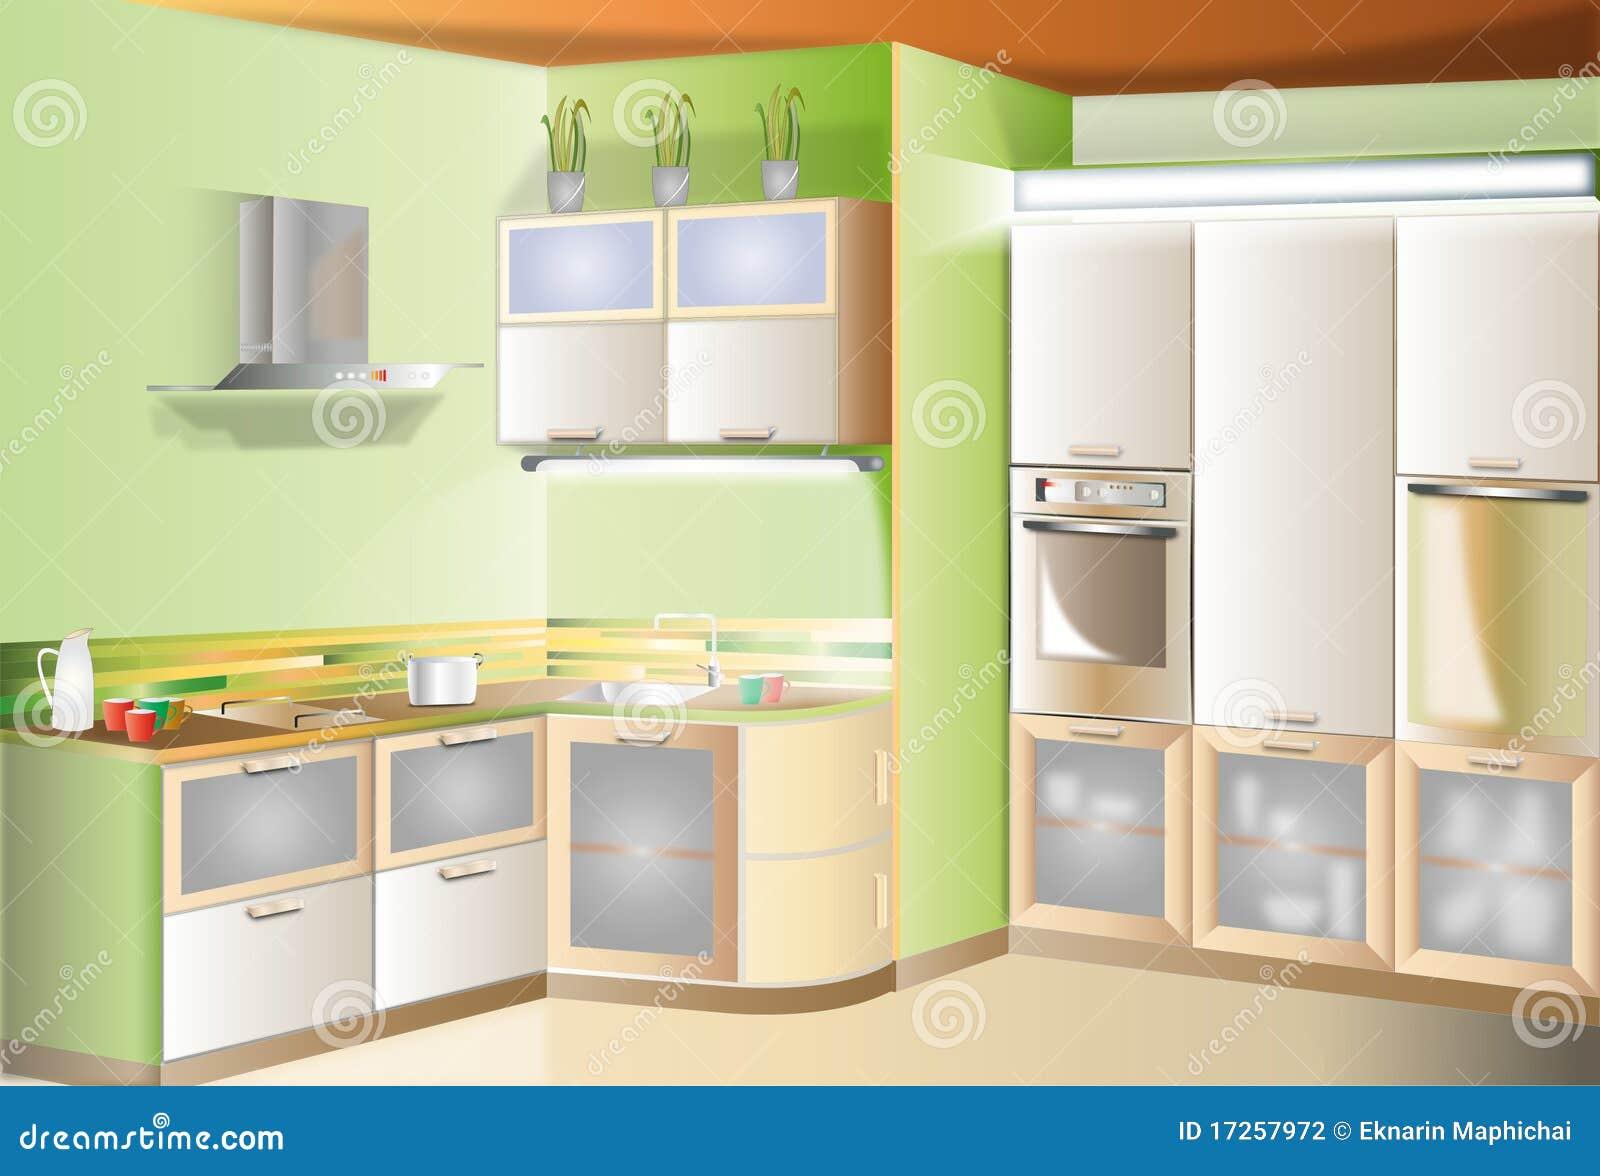 De aanrakings kleine ruimte van de keuken stock illustratie afbeelding 17257972 - Outs kleine ruimte ...